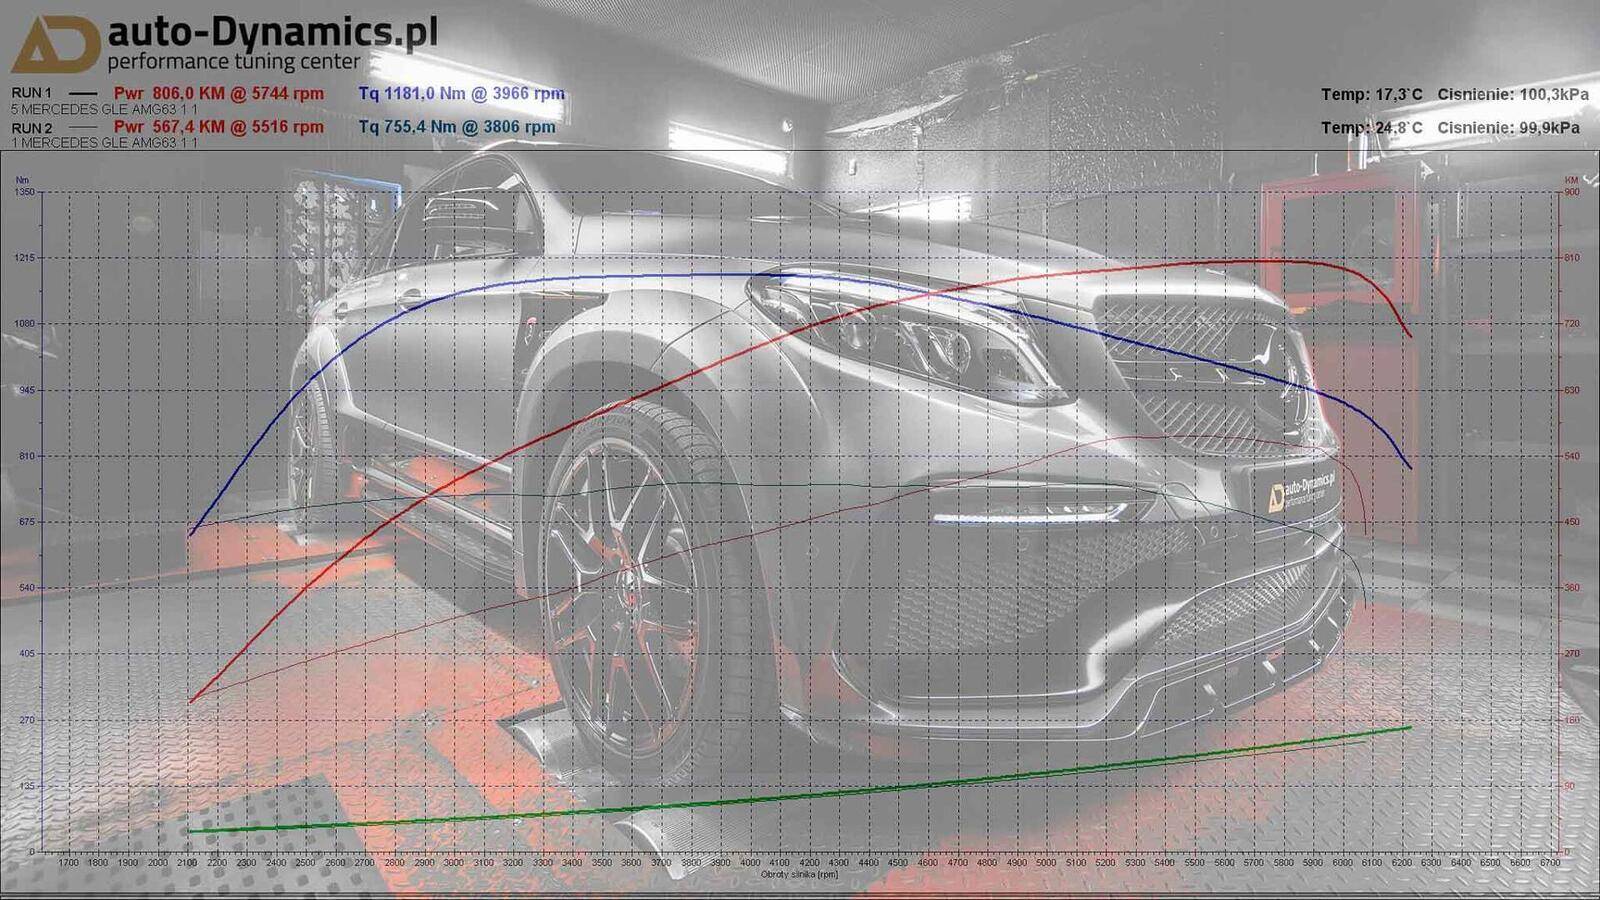 Mercedes-AMG GLE 63 S Coupe độ công suất lên 795 mã lực; tăng tốc 0-100 km/h trong 3,25 giây - Hình 5